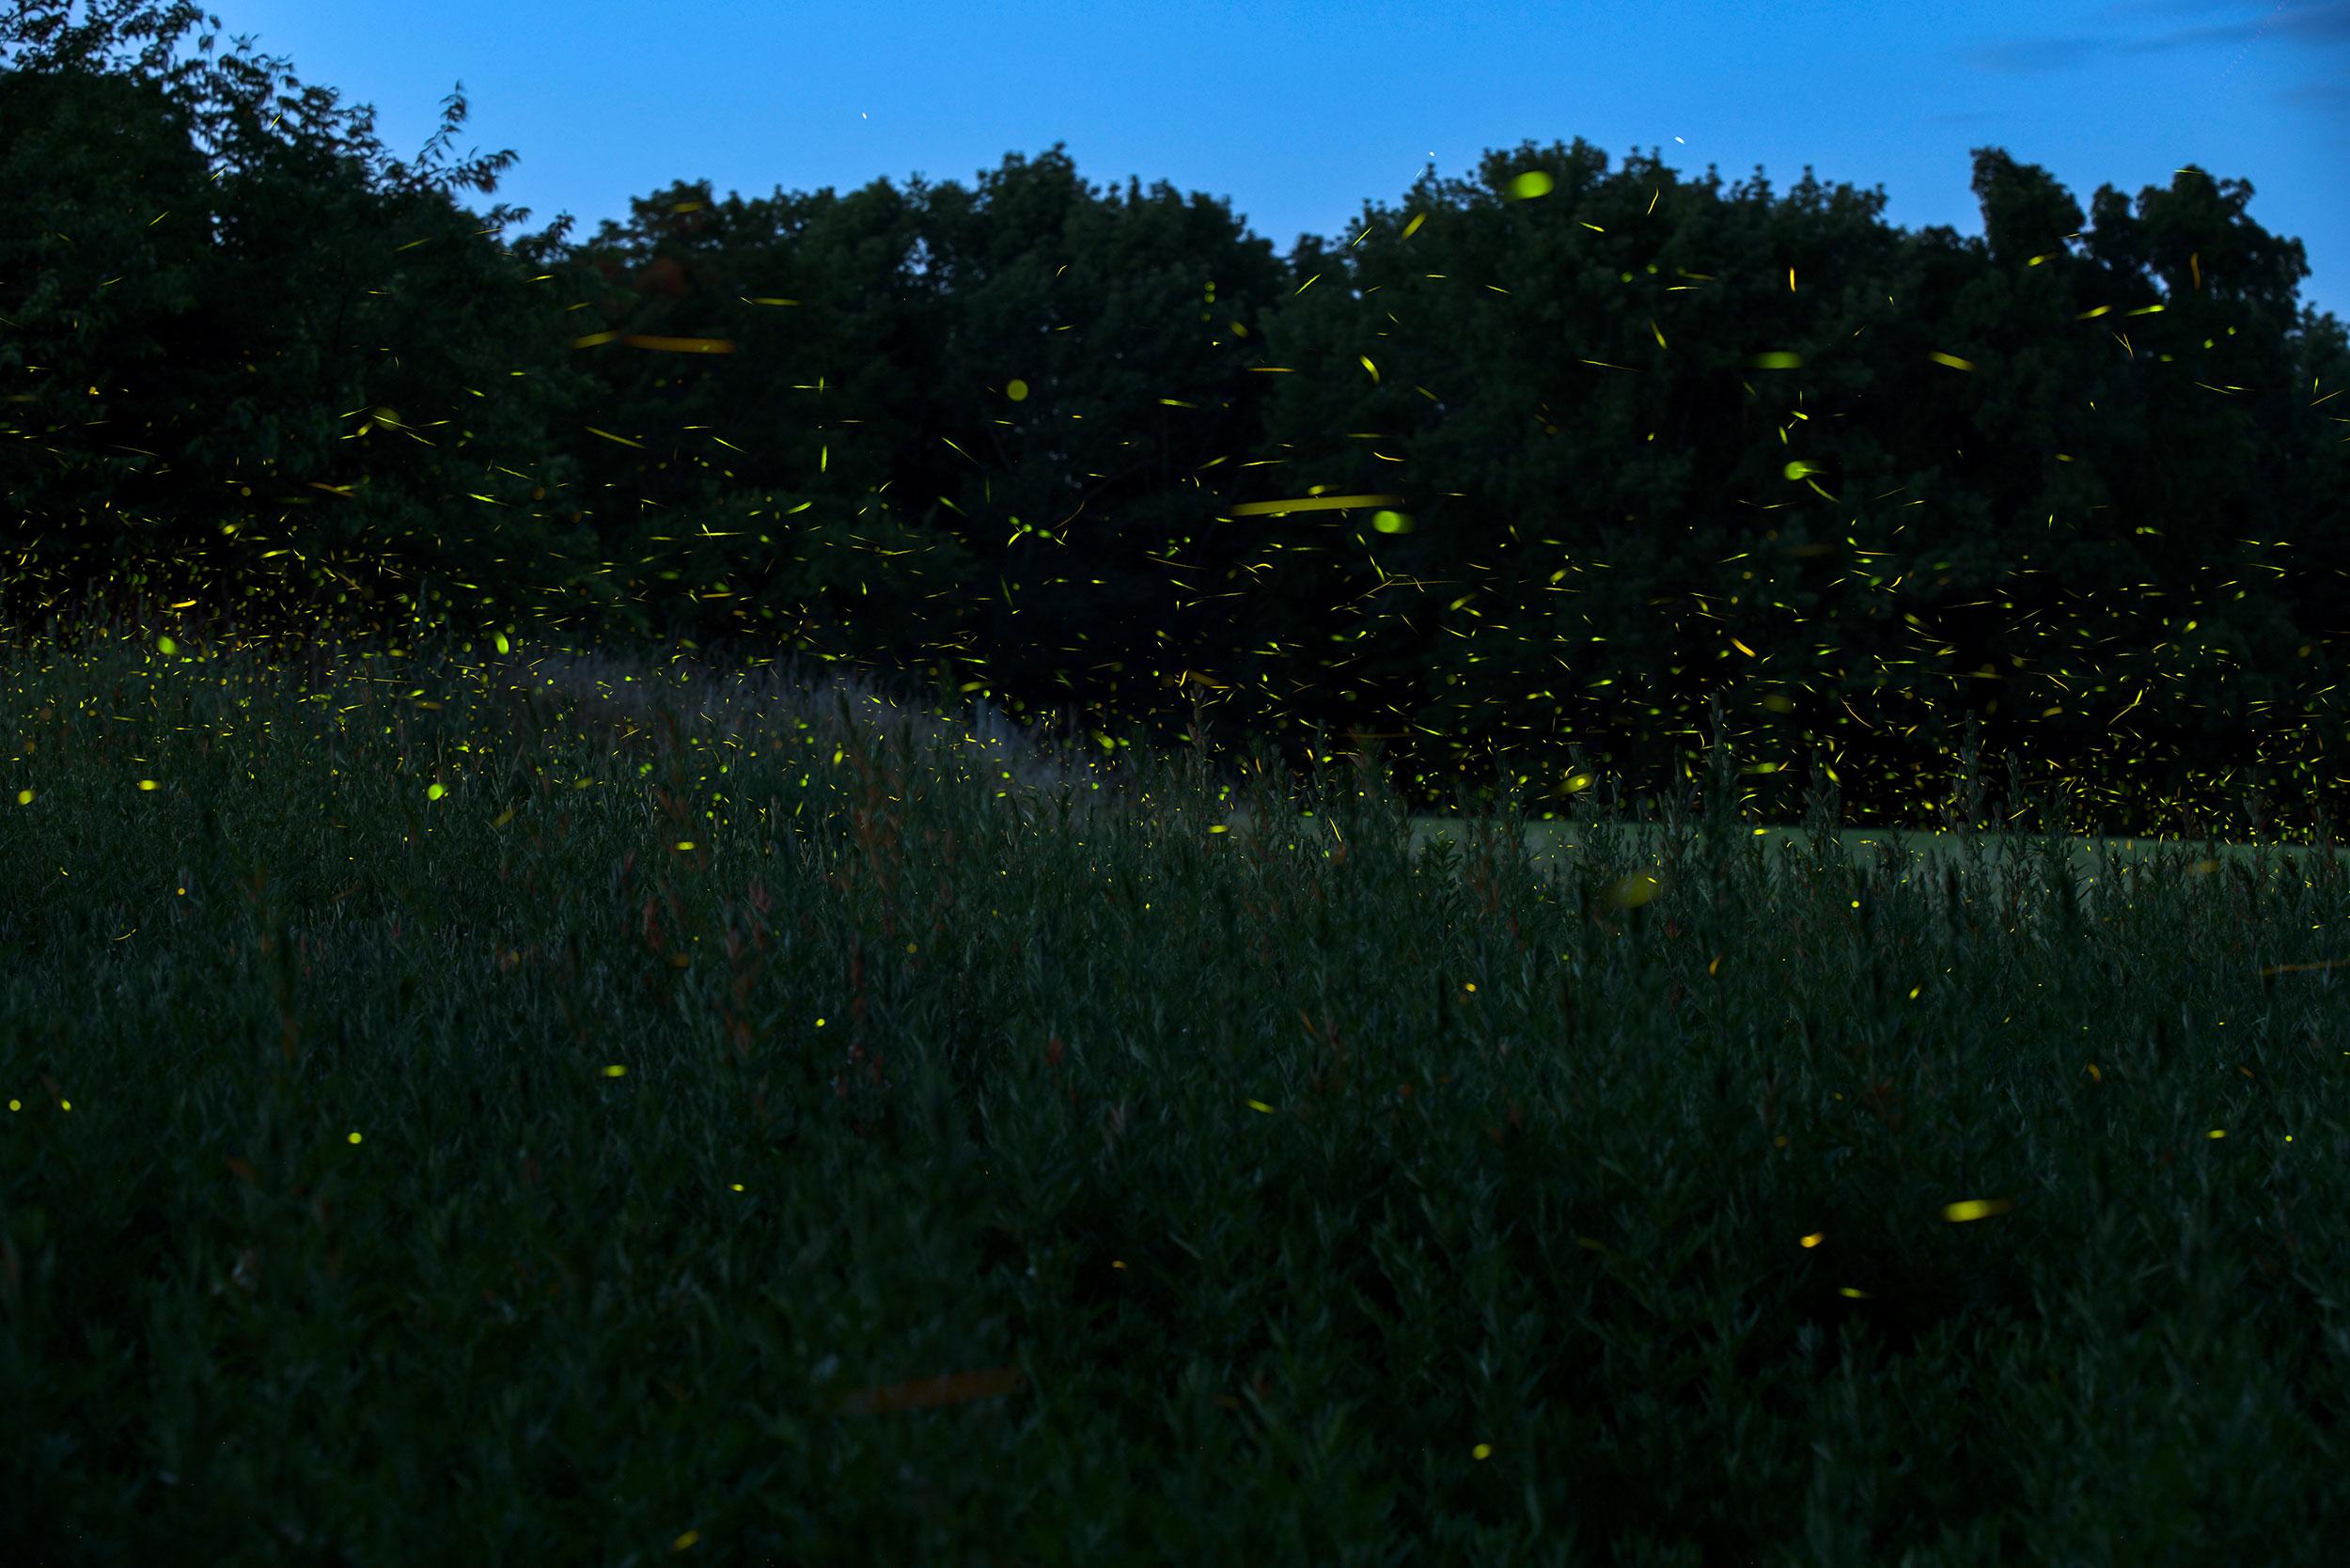 hundreds of fireflies in a field